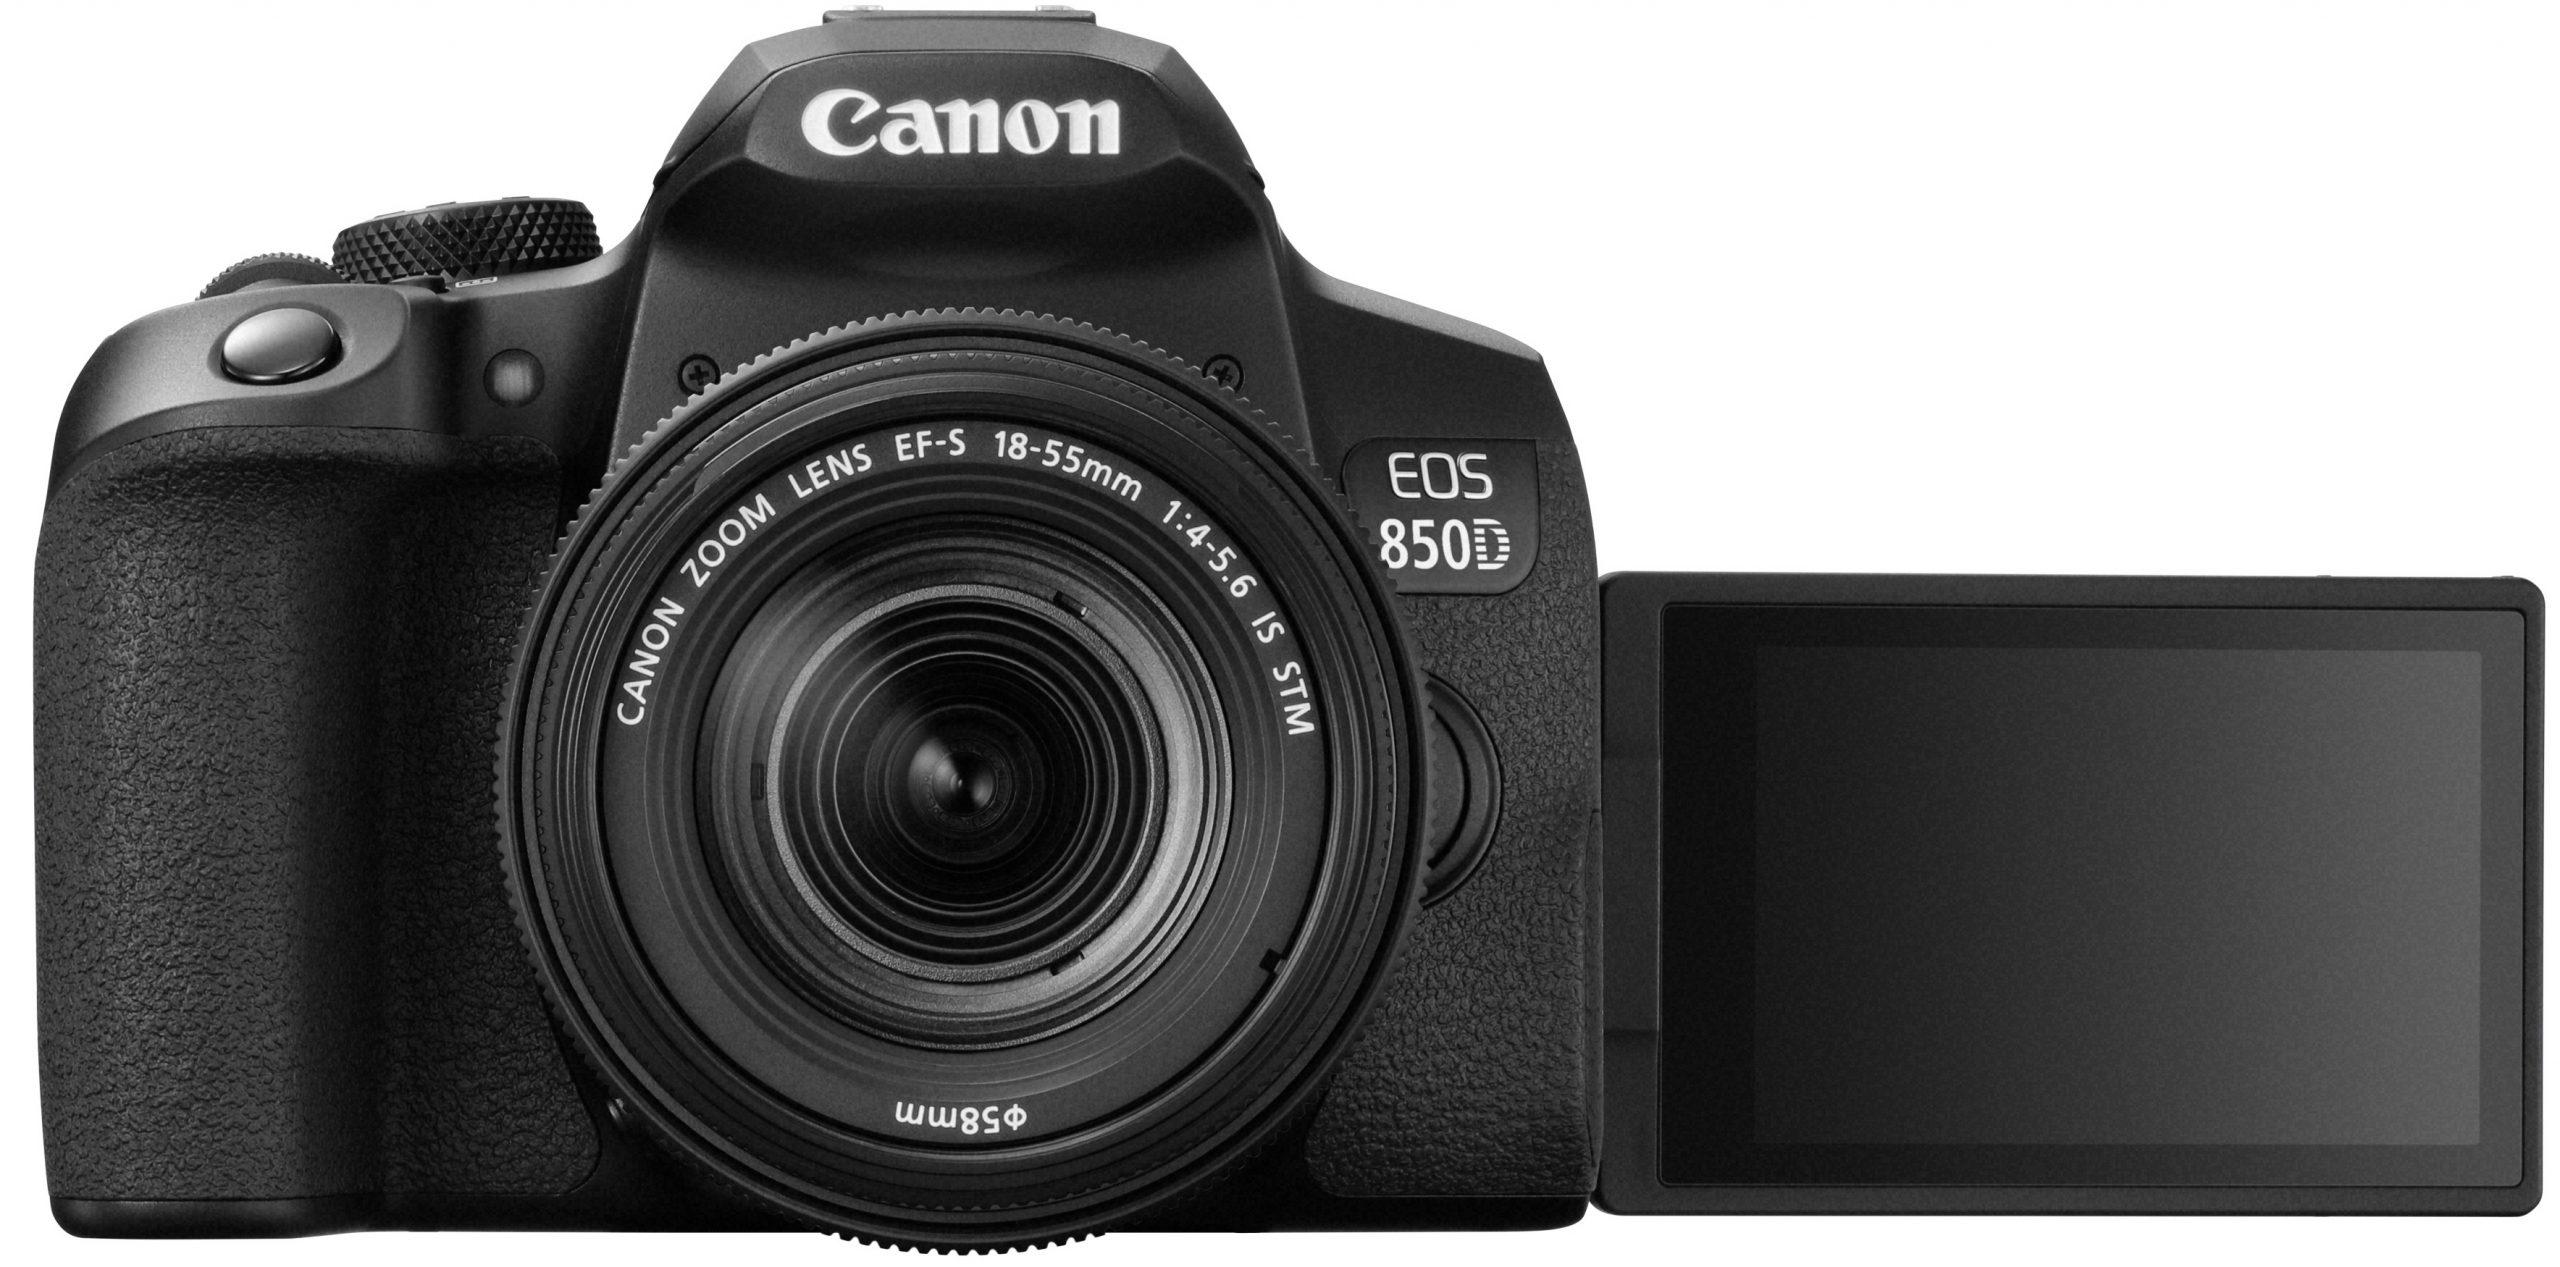 Canon-EOS-850D-EF-S18-55mm-F4-5.6ISSTM-LCD-OPEN-BK-FRT_tcm83-1944262